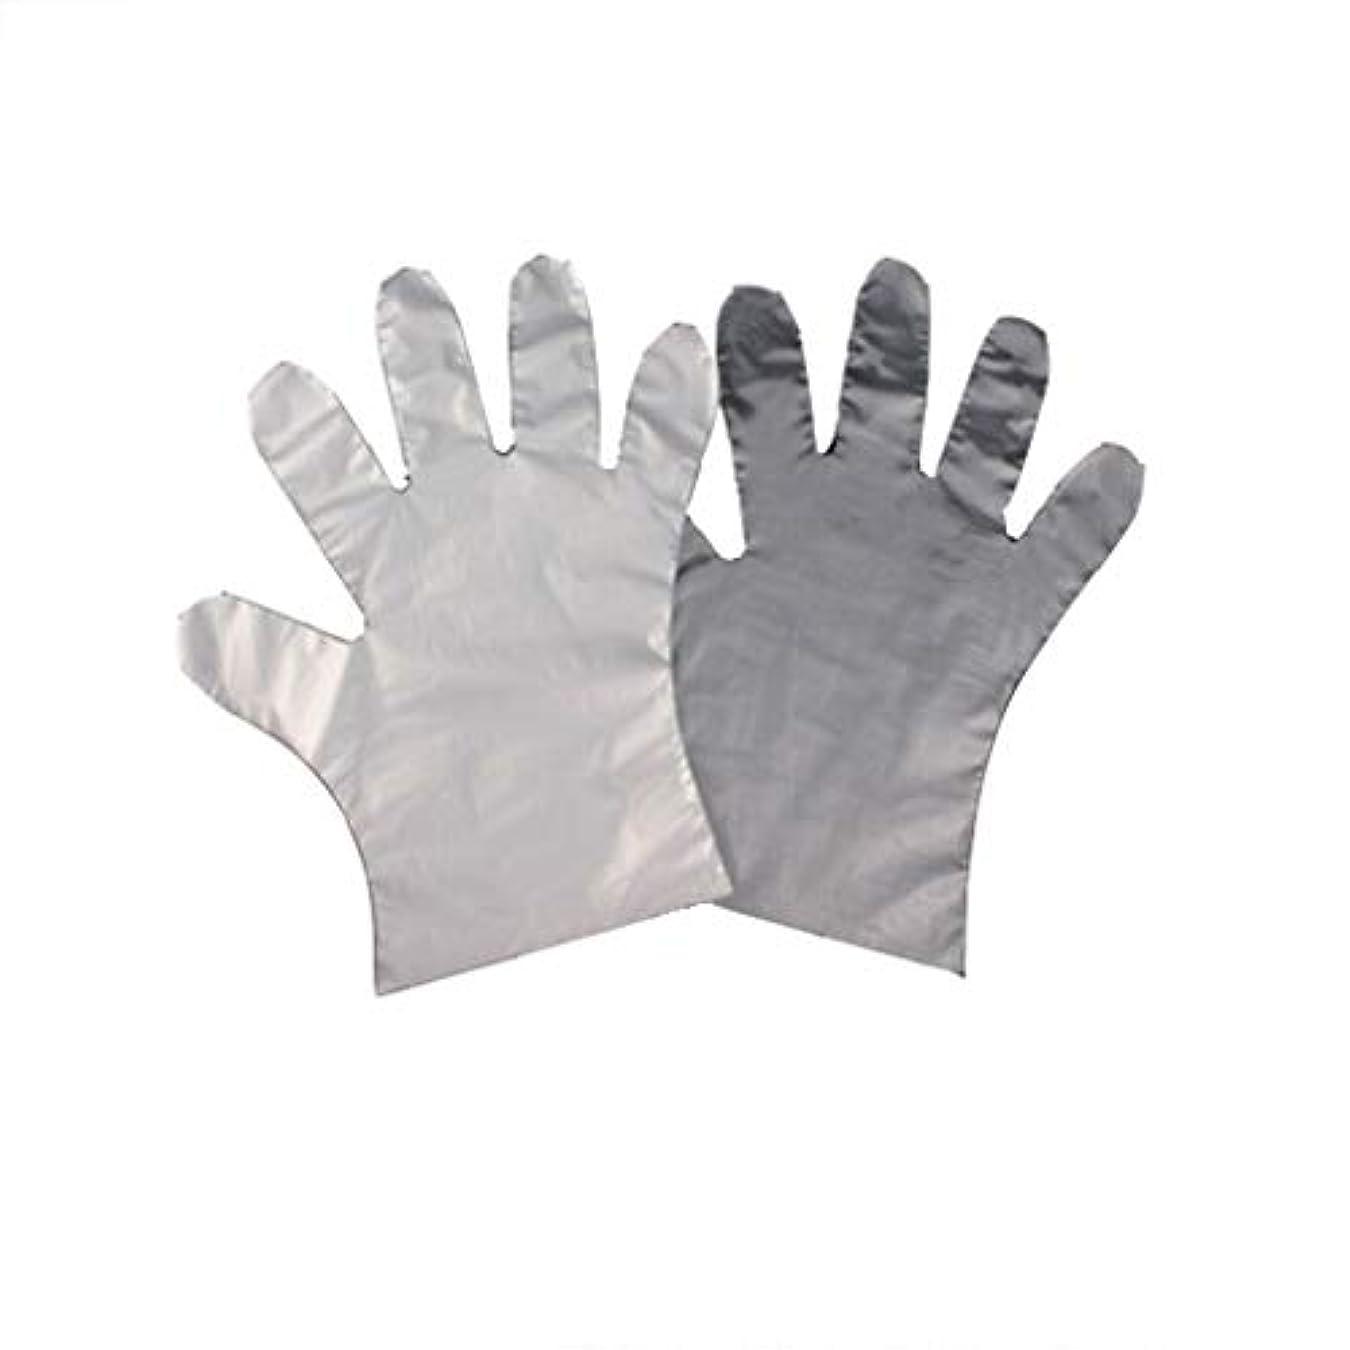 剃るコロニー宣伝手袋、使い捨てPE手袋、食品の肥厚、透明な2つのオープンポケット-600のみ。